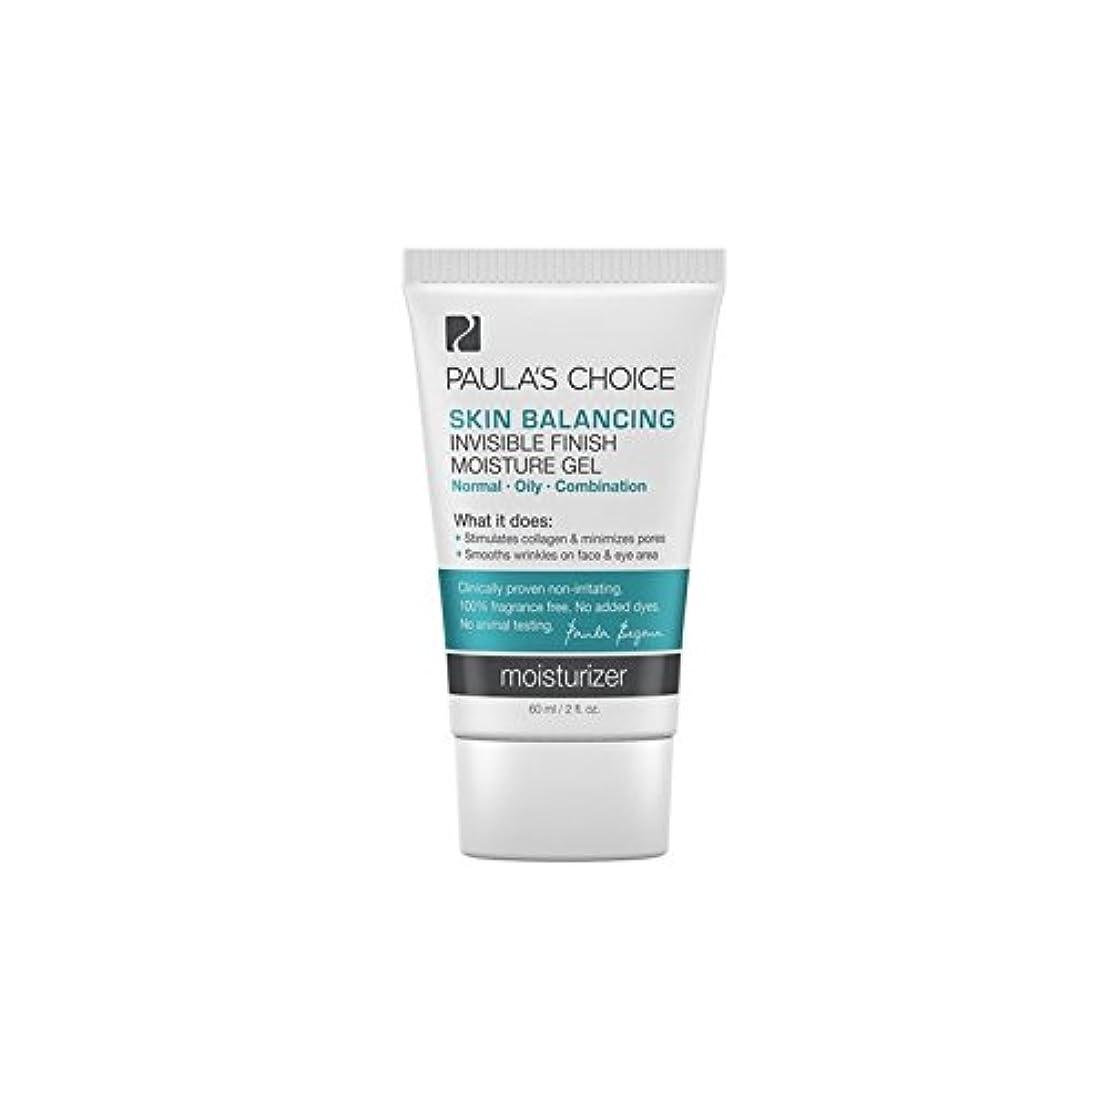 オーガニック保守的弓ポーラチョイスの肌のバランス目に見えない仕上がり水分ゲル(60ミリリットル) x2 - Paula's Choice Skin Balancing Invisible Finish Moisture Gel (60ml)...